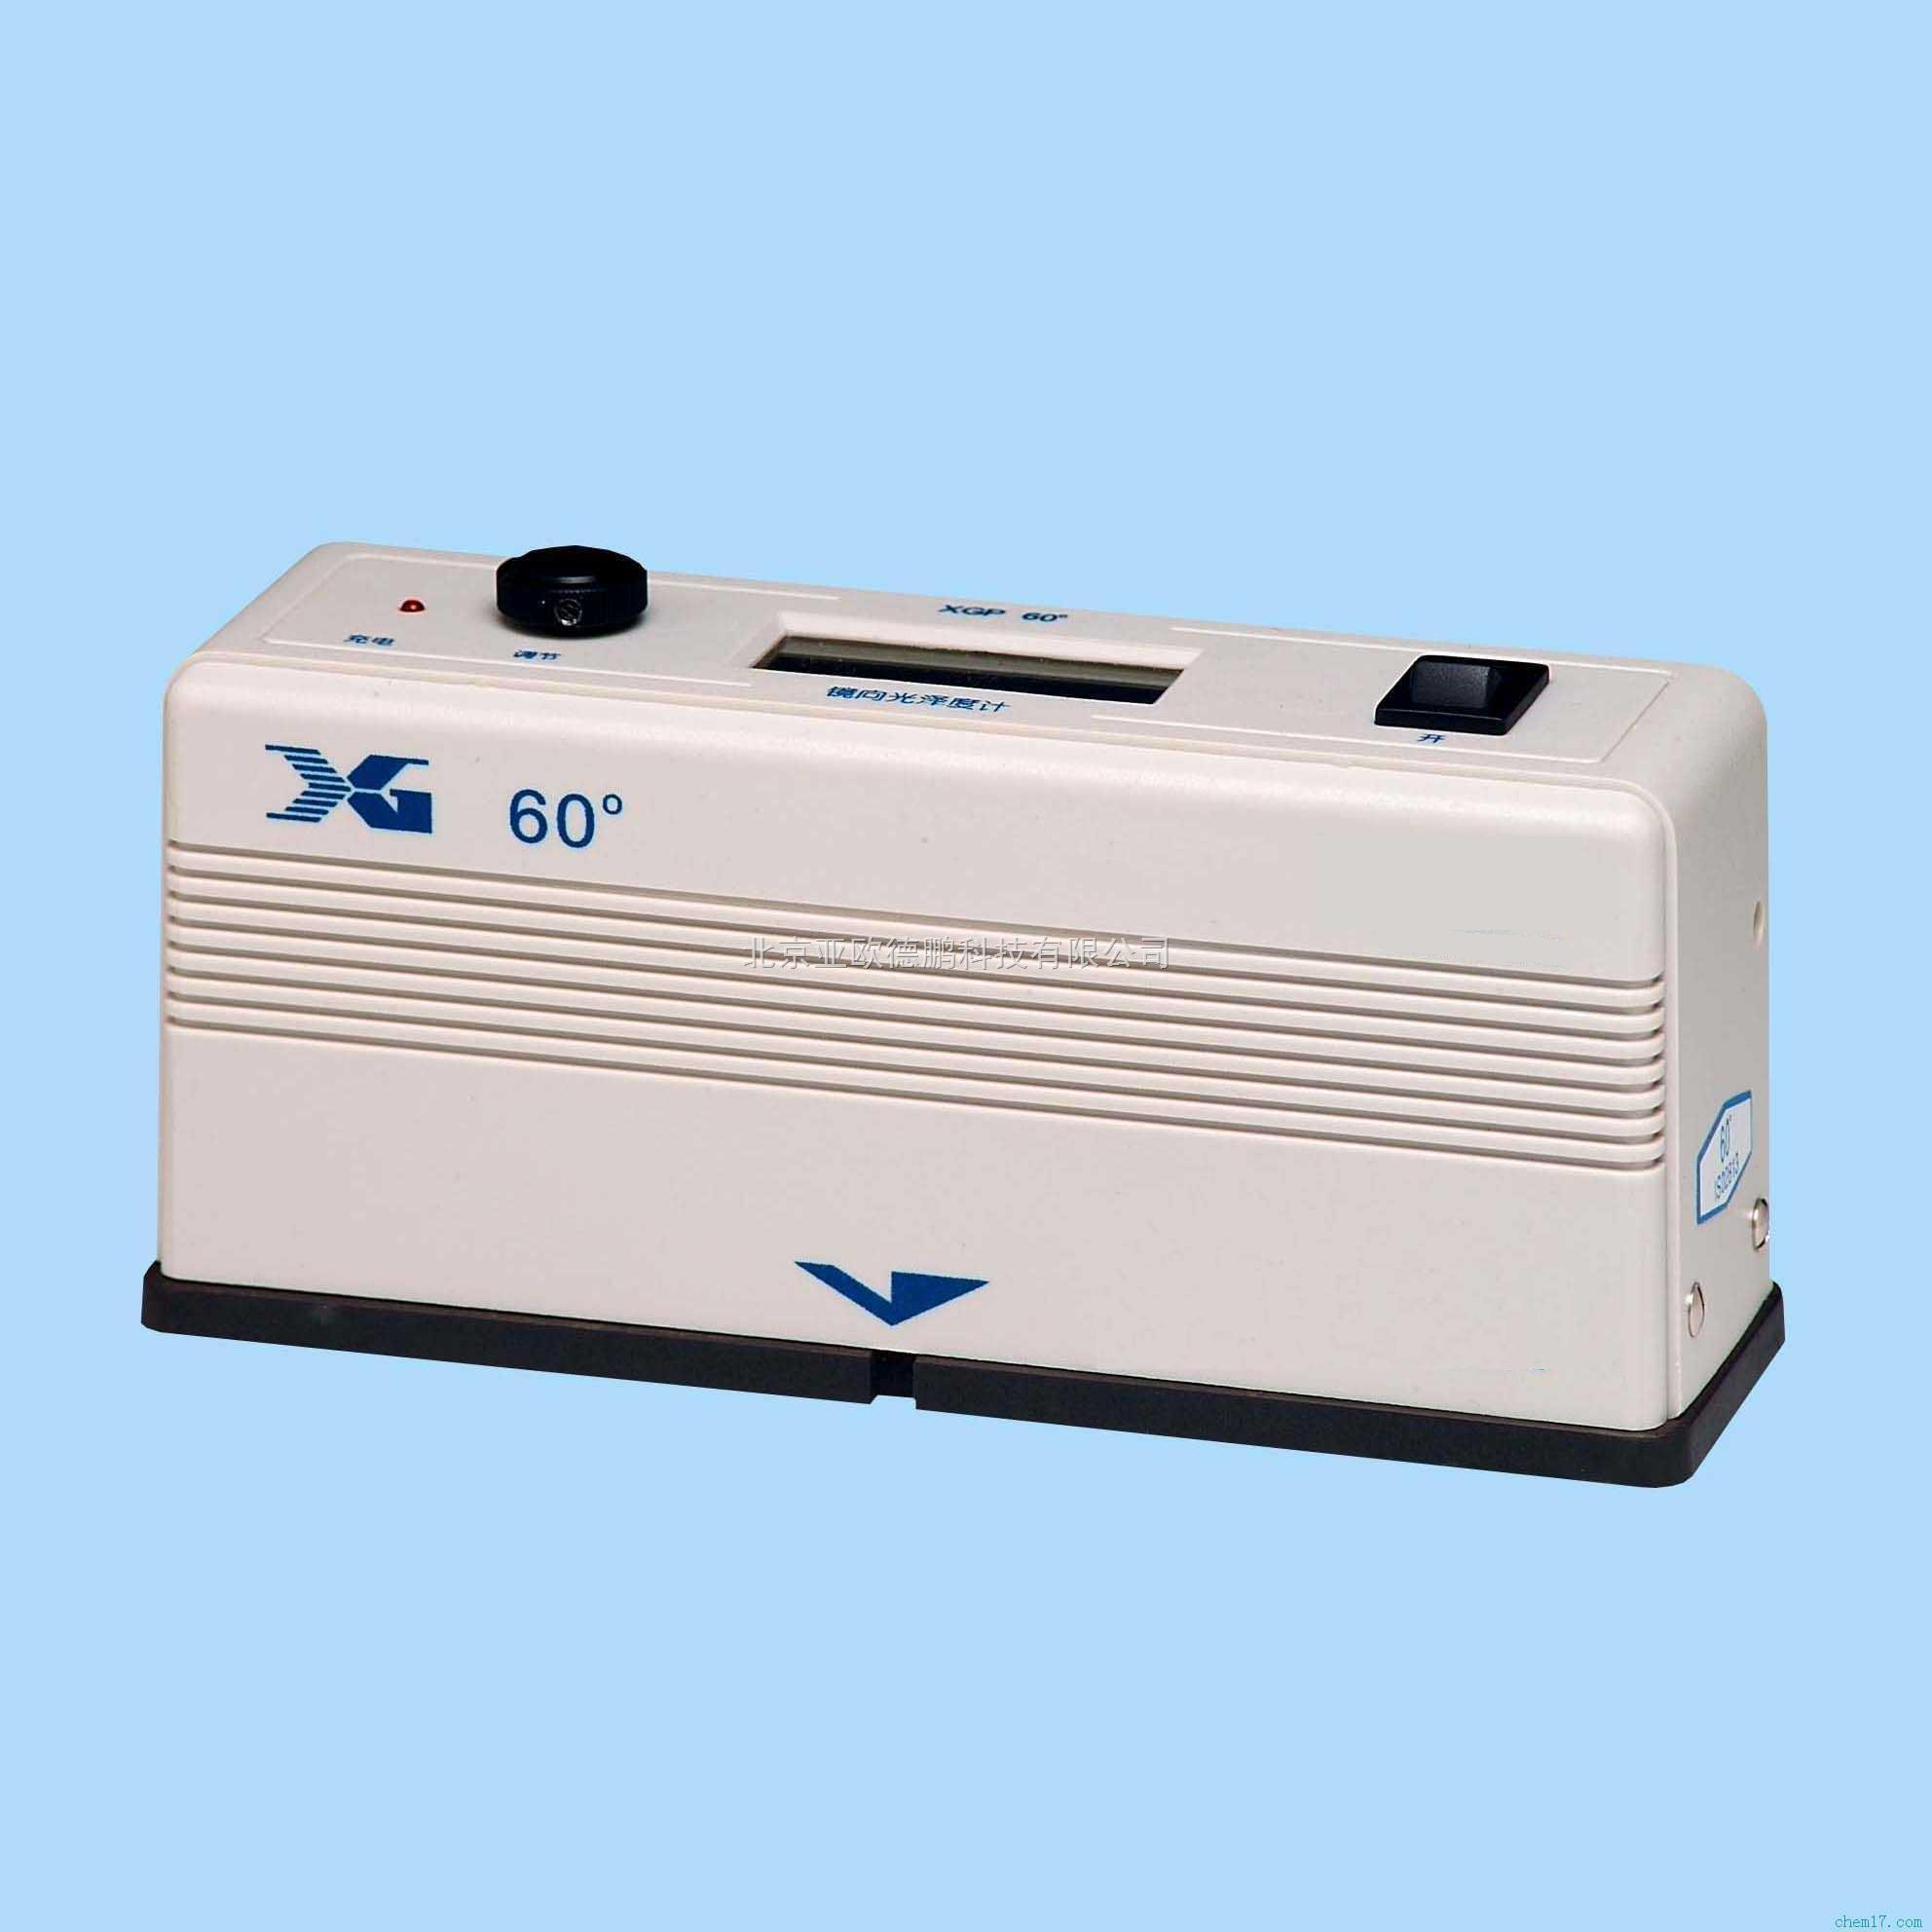 DP-P-60°-便攜式單角度光澤度計/鏡向光澤度儀/單角度光澤度計